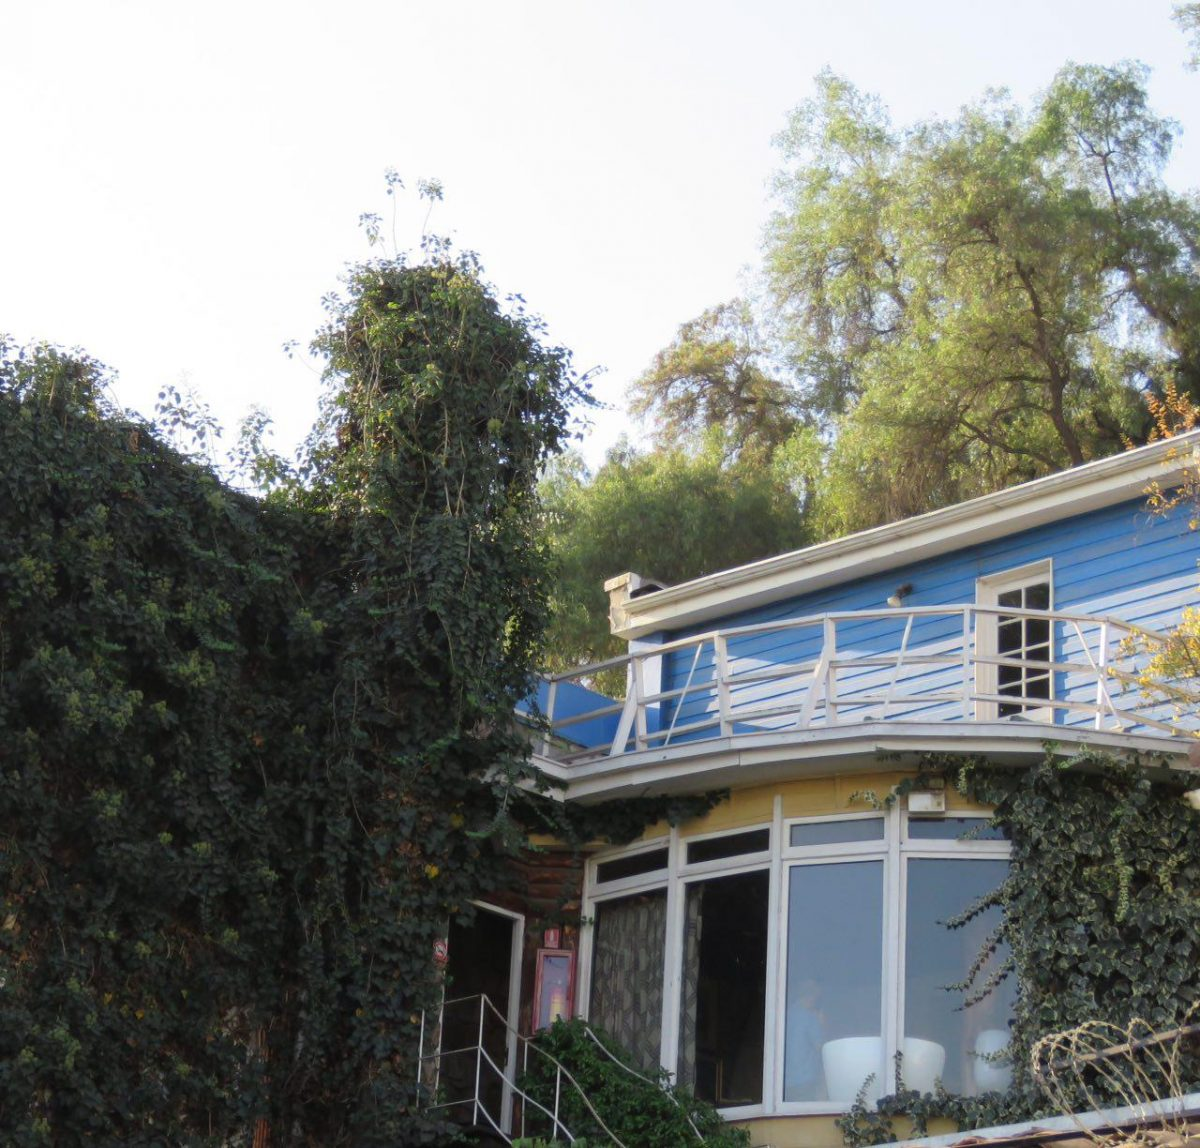 نمایی از خانه پابلو نرودا در مرکز شهر سانتیاگوی شیلی